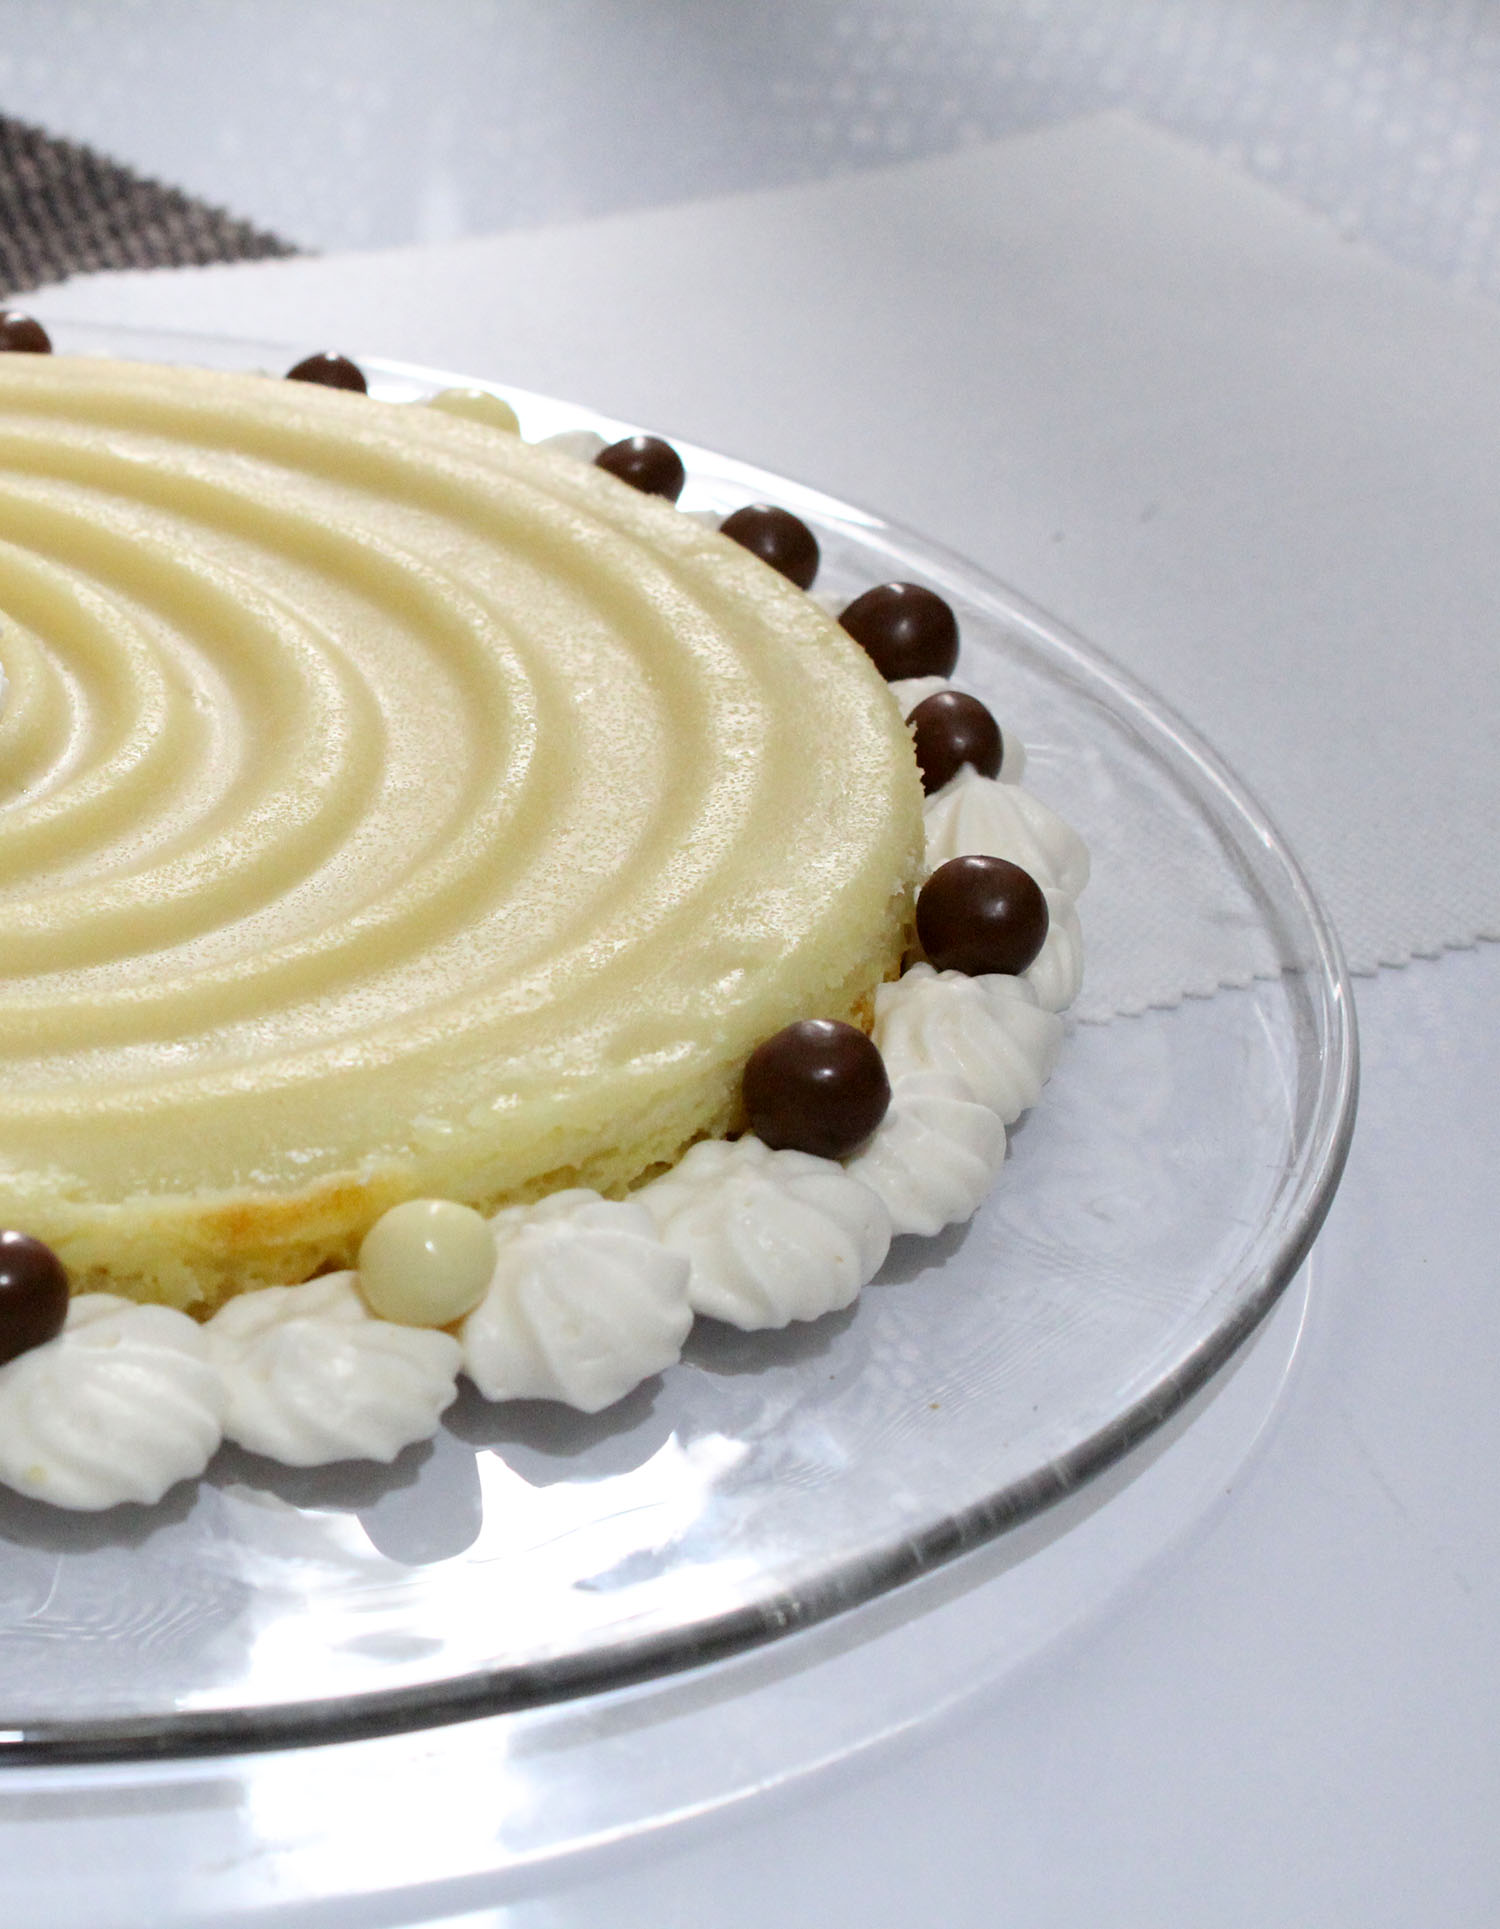 IMG 6628 - עוגת קסם חלבית מדהימה